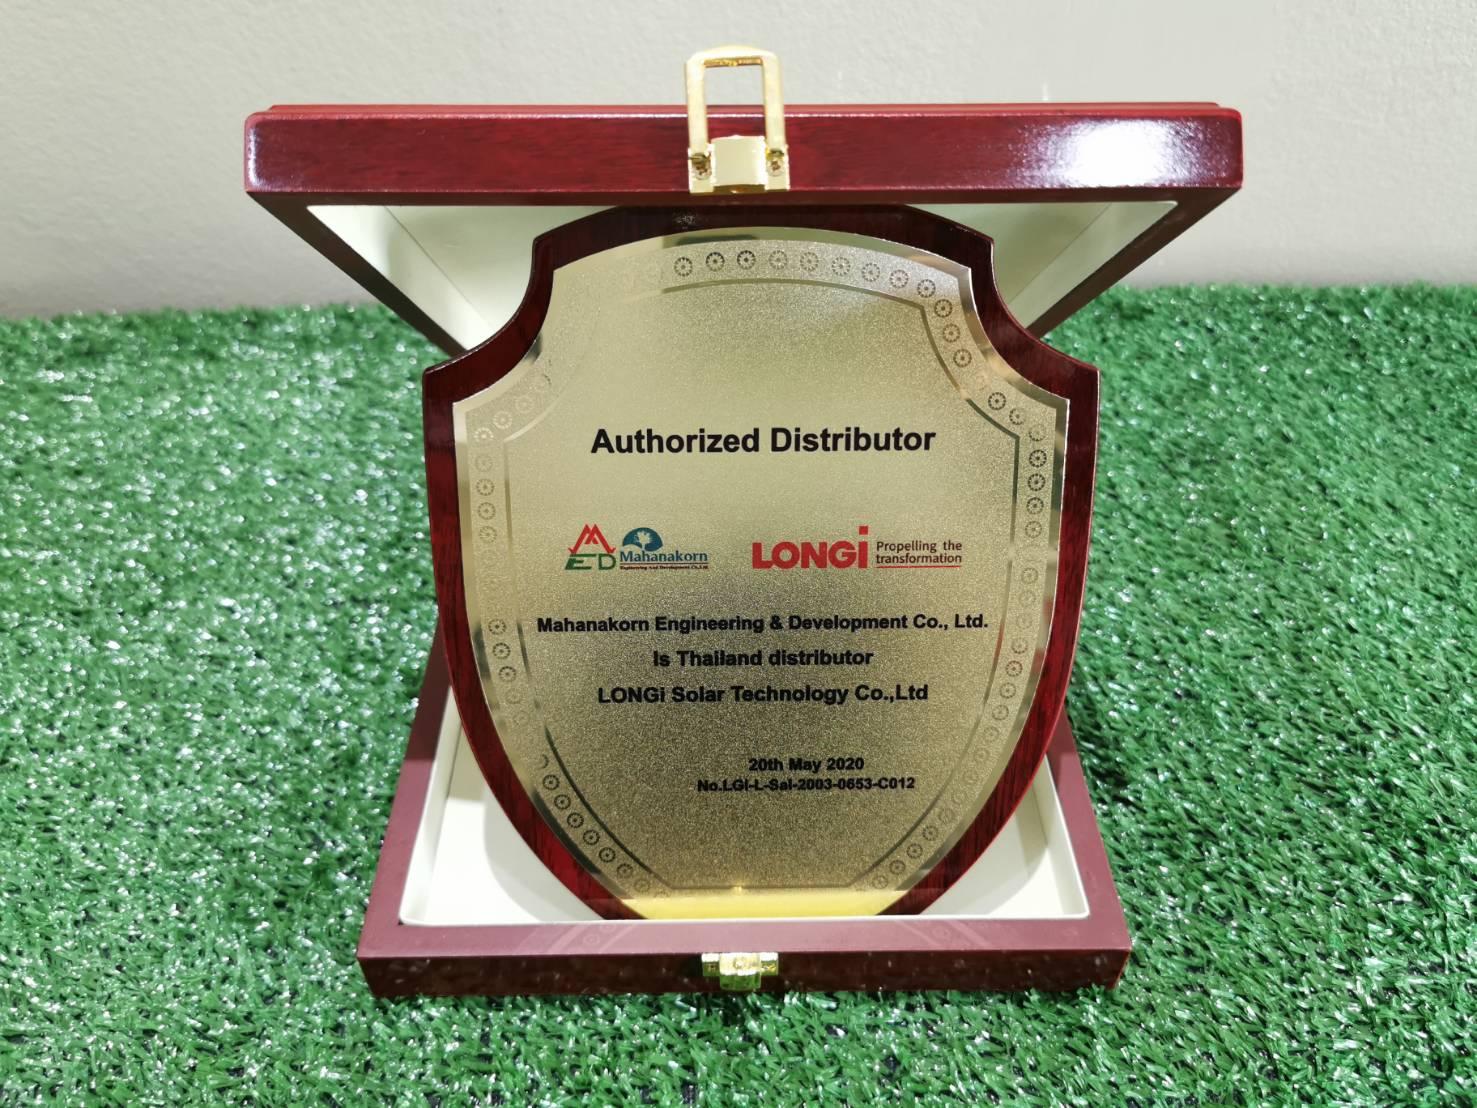 ตัวแทยจำหน่ายแผงลองกิโซล่าร์ LONGi Solar อย่างเป็นทางการในไทย